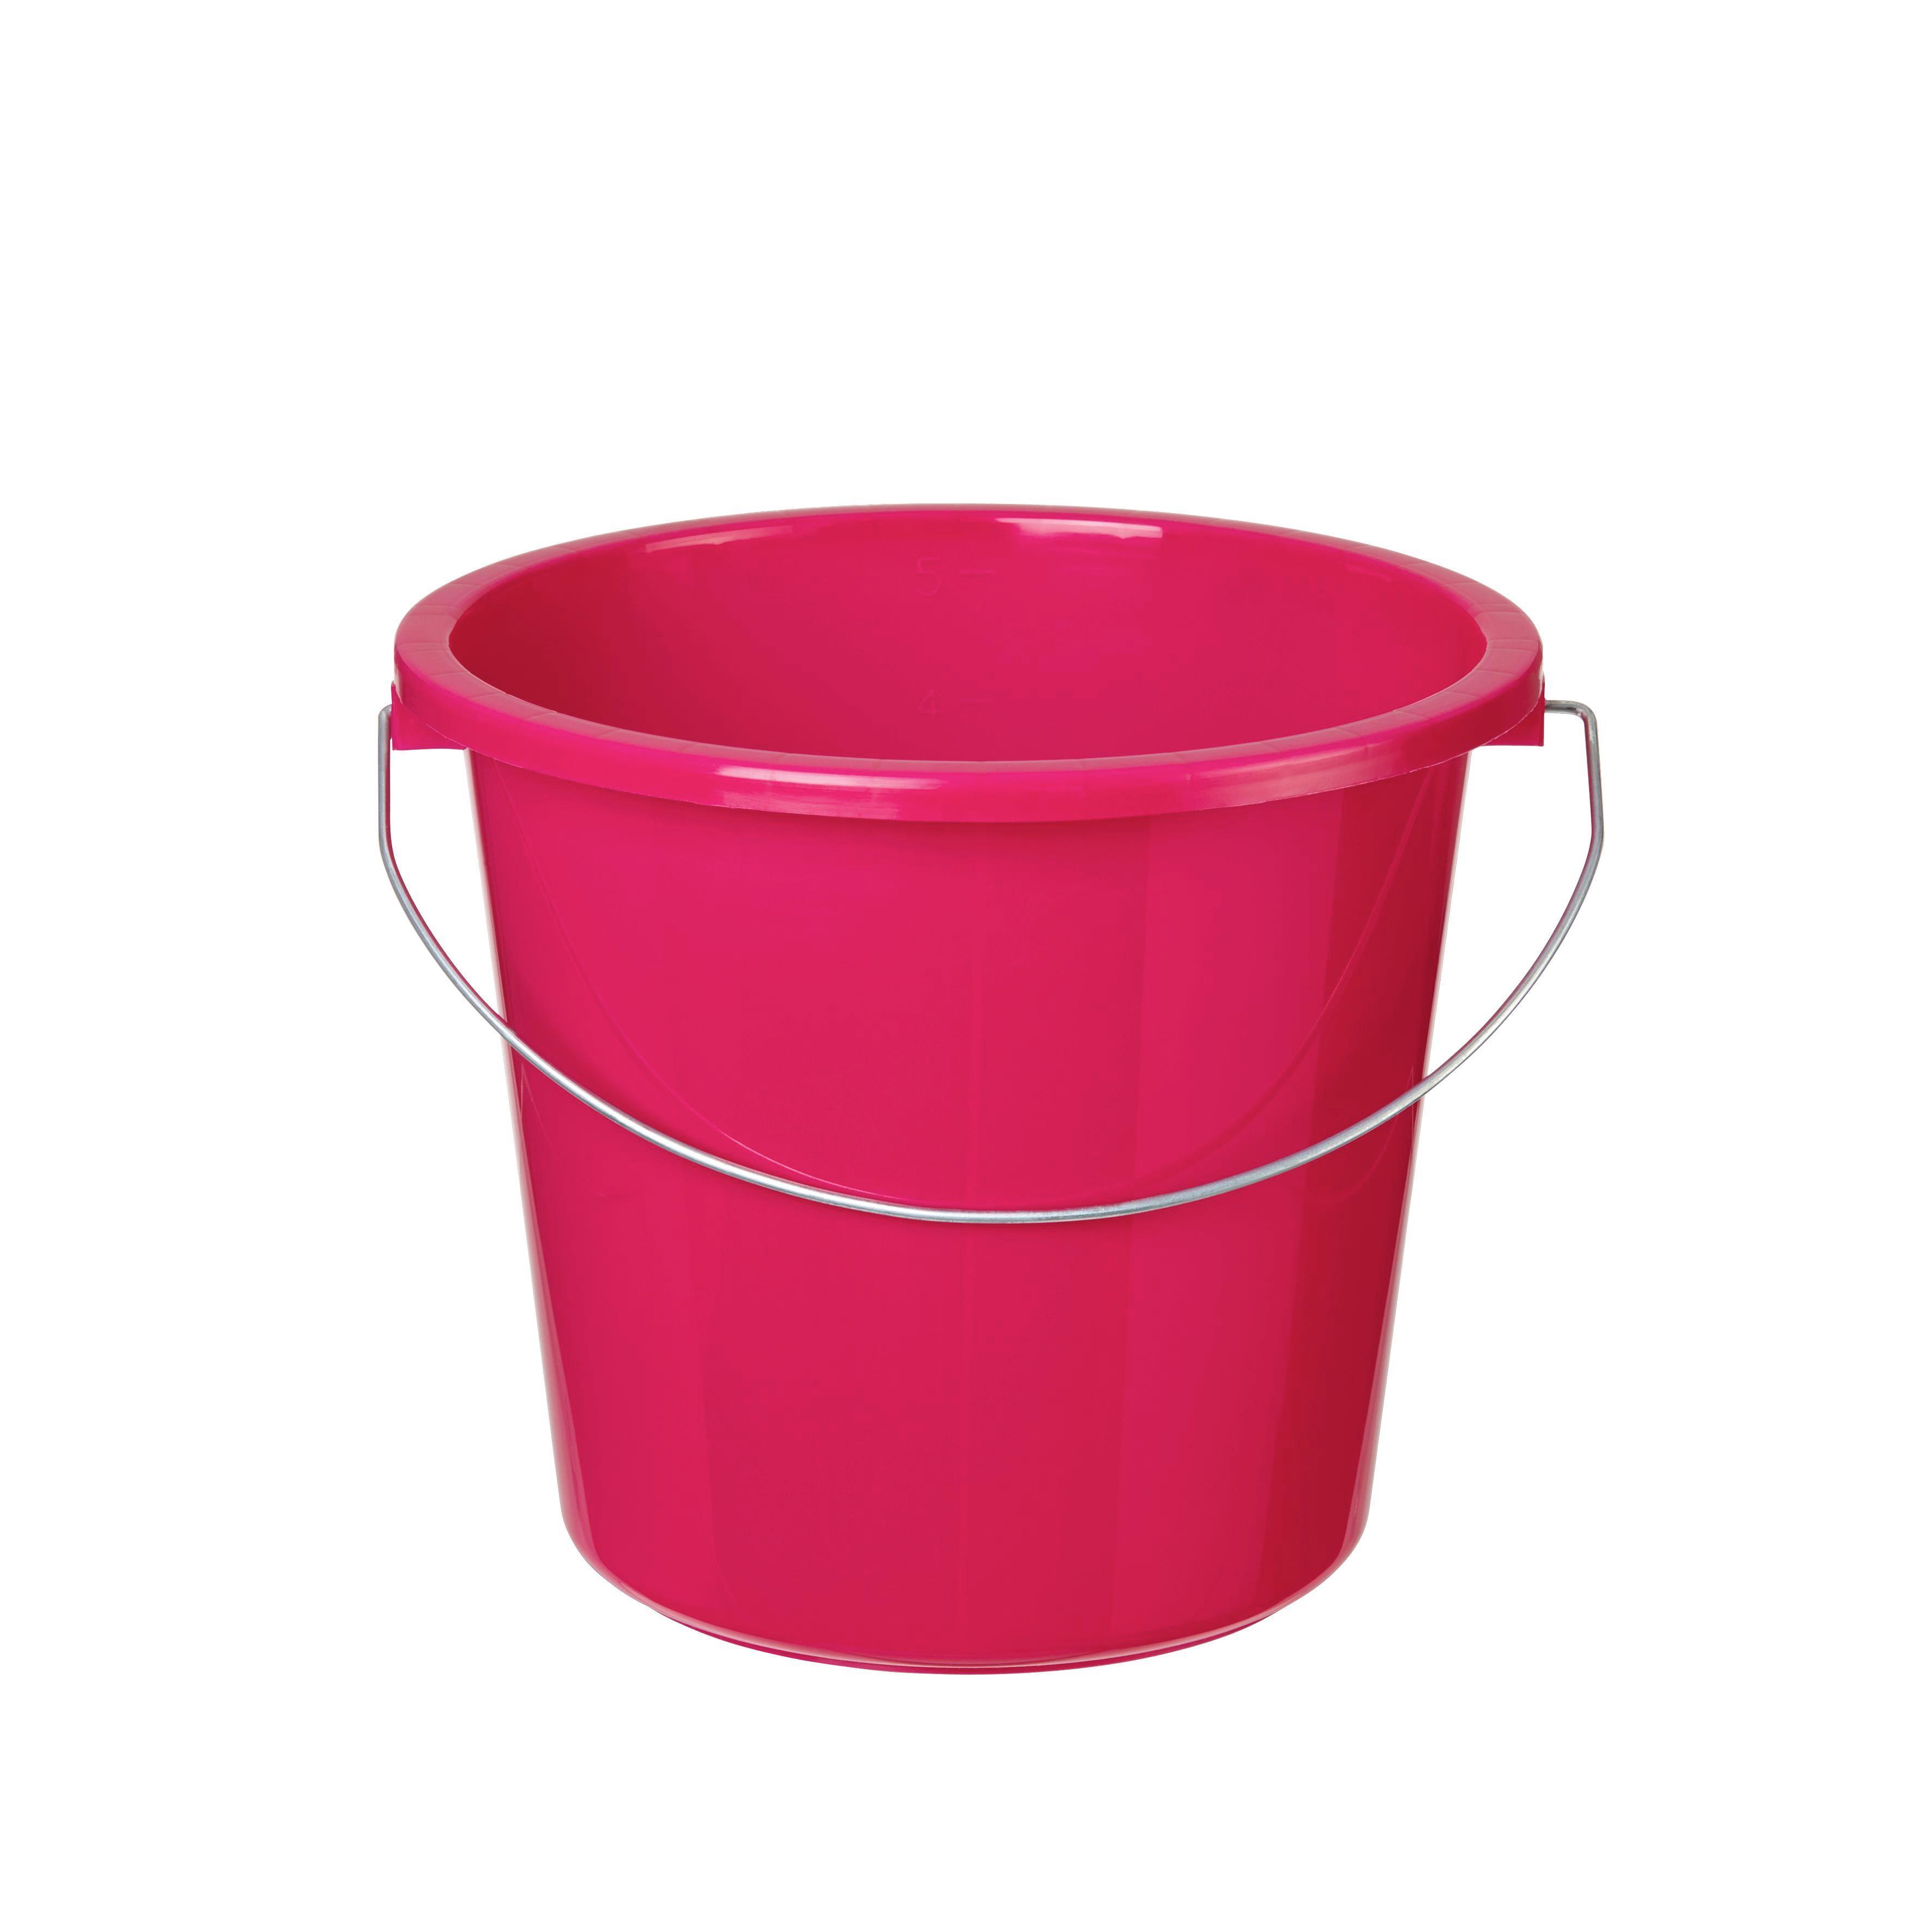 Vödör Rosi - pink/narancs, műanyag/fém (23,2/20cm) - BASED